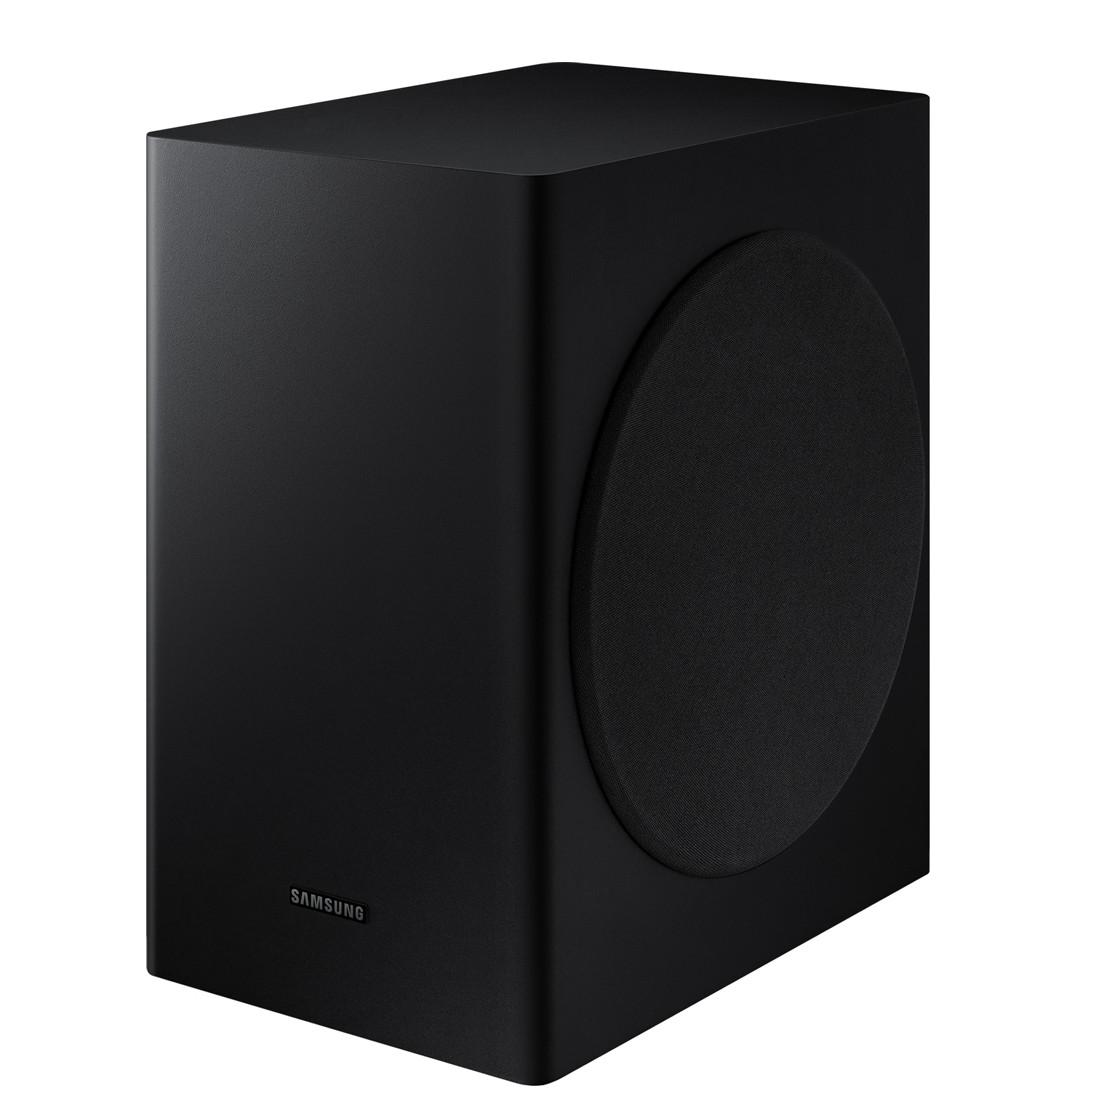 Loa thanh Soundbar Samsung 5.1 HW-Q60T/XV - HÀNG CHÍNH HÃNG